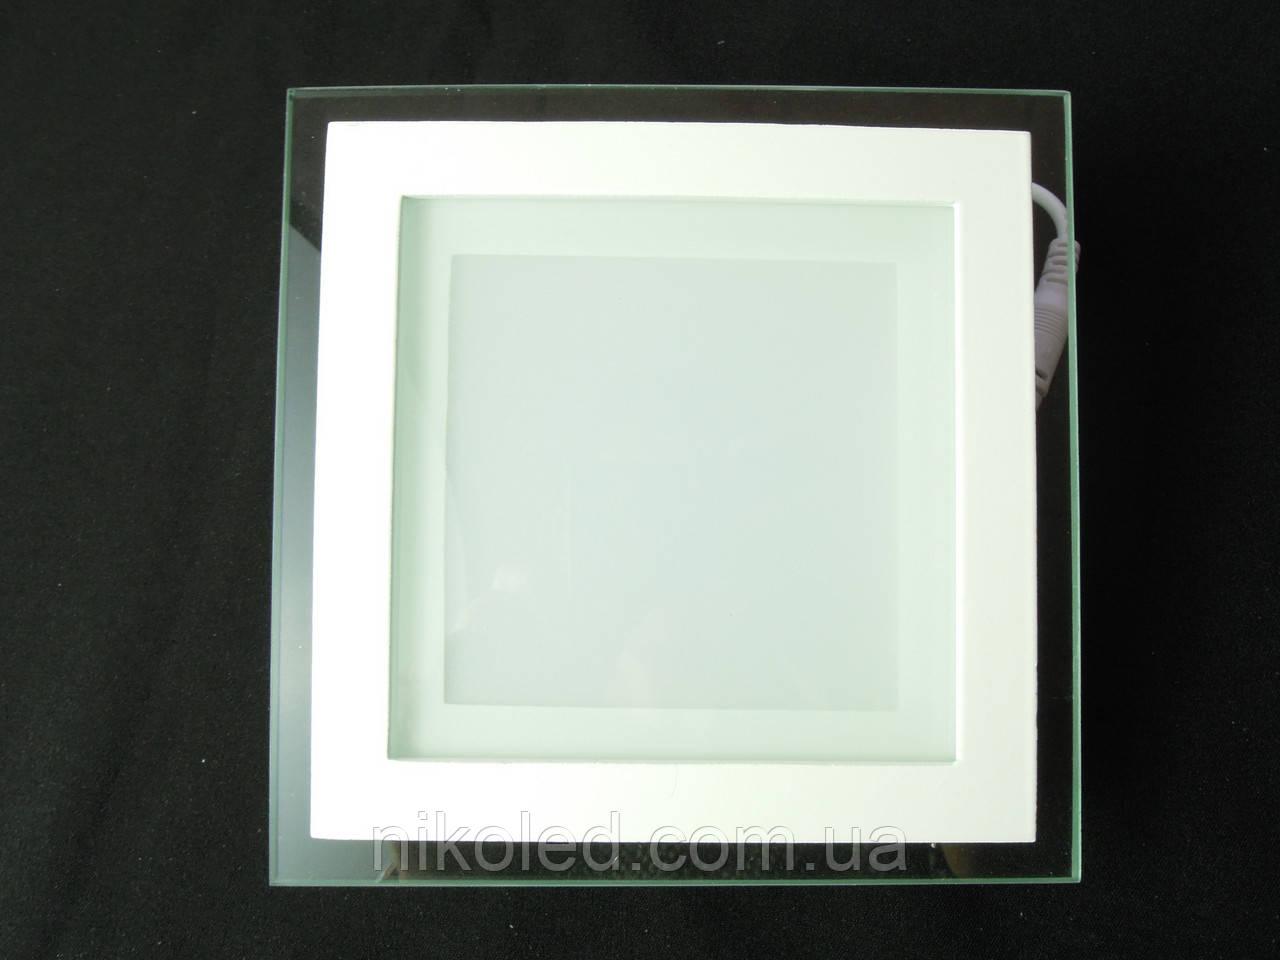 Светильник точечный Стекло LED 12W квадрат